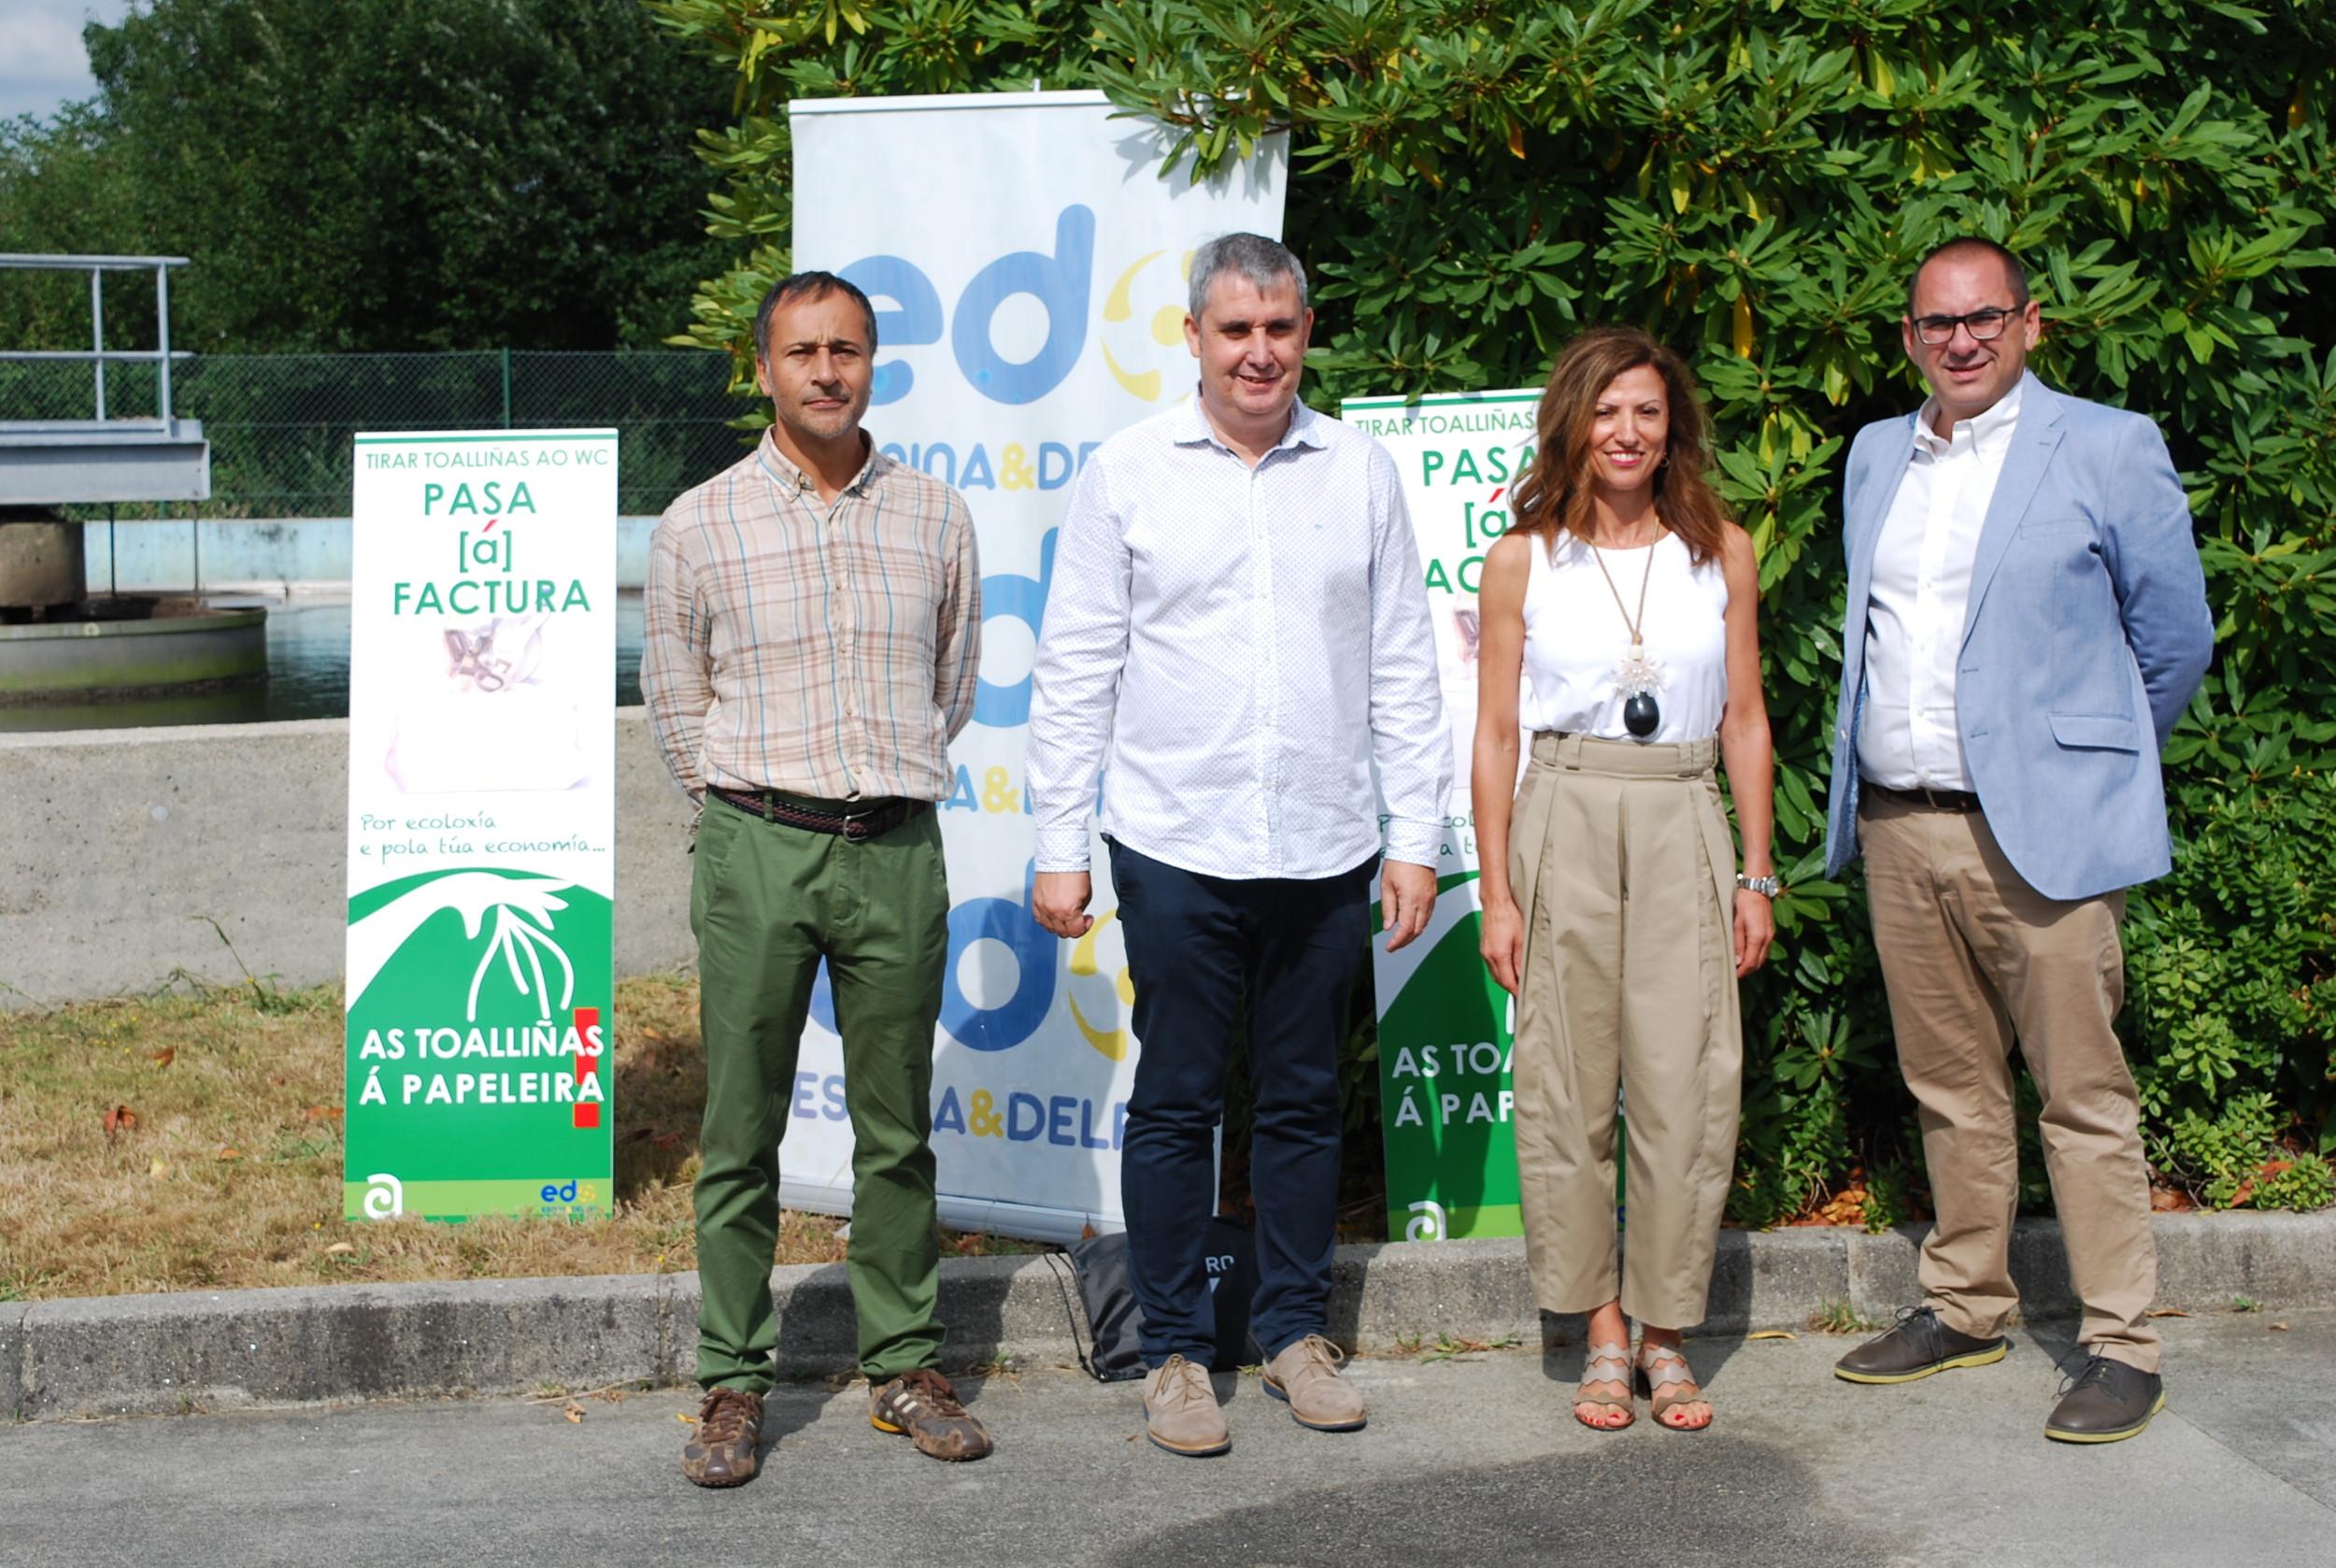 """Presentación da campaña """"Tirar toalliñas ao WC PASA [á] FACTURA. As toalliñas á PAPELEIRA!"""""""